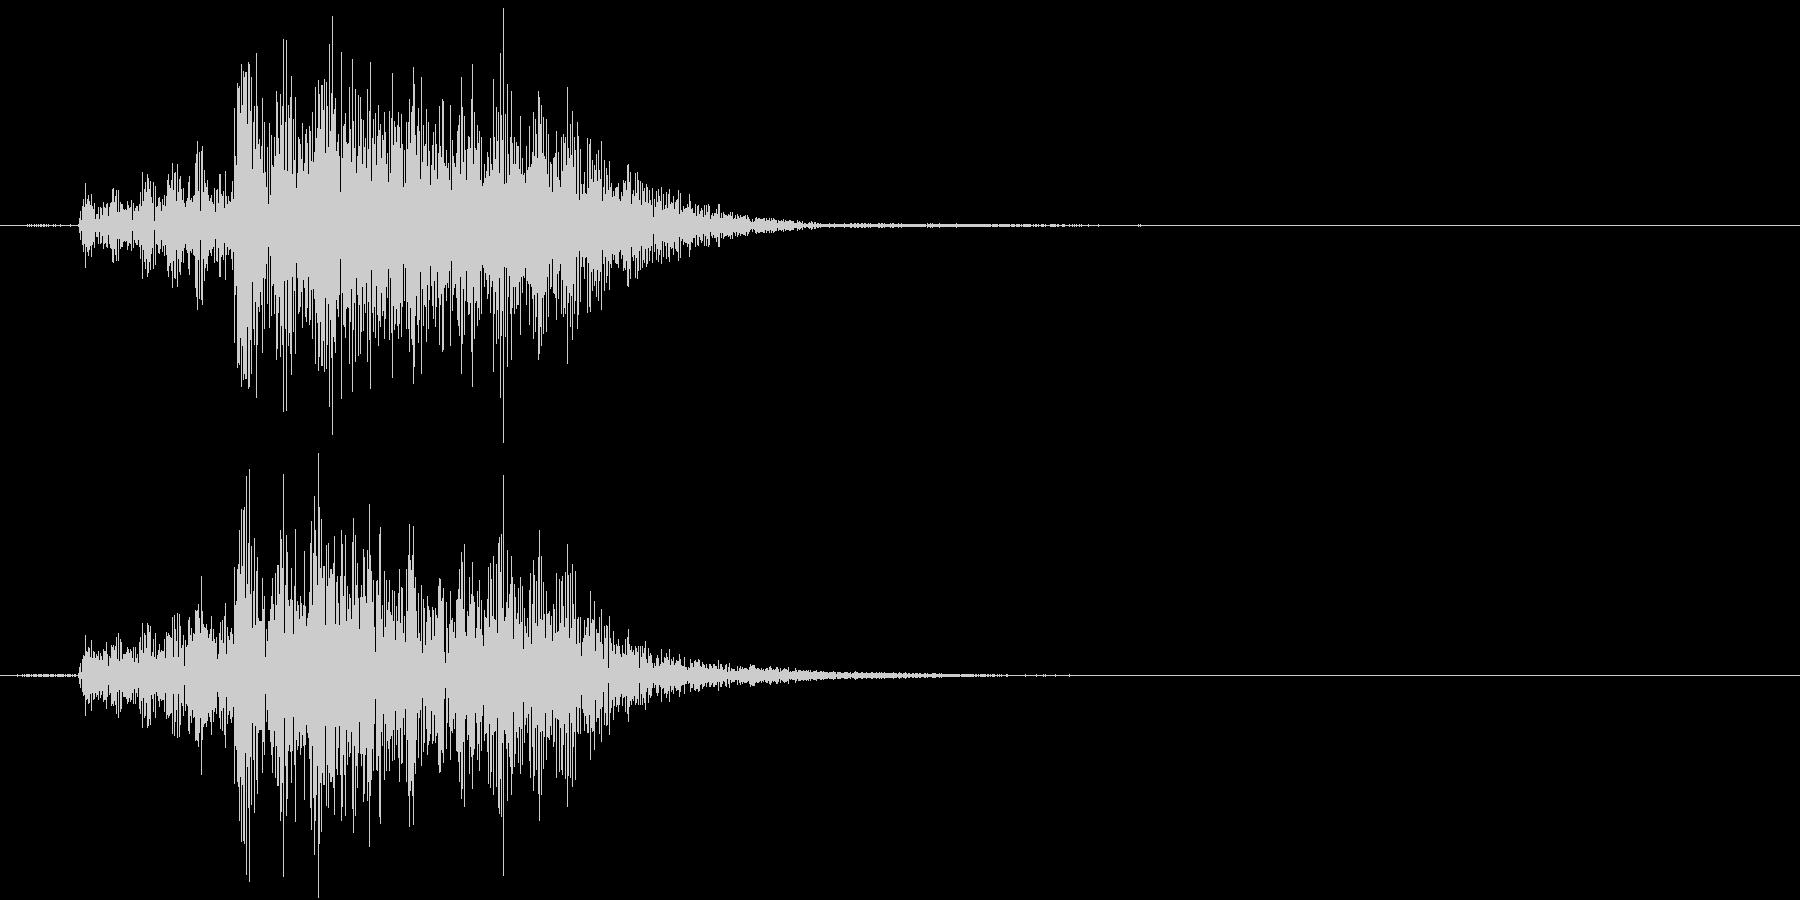 【生録音】お箸の音 34 揃えて皿の上にの未再生の波形